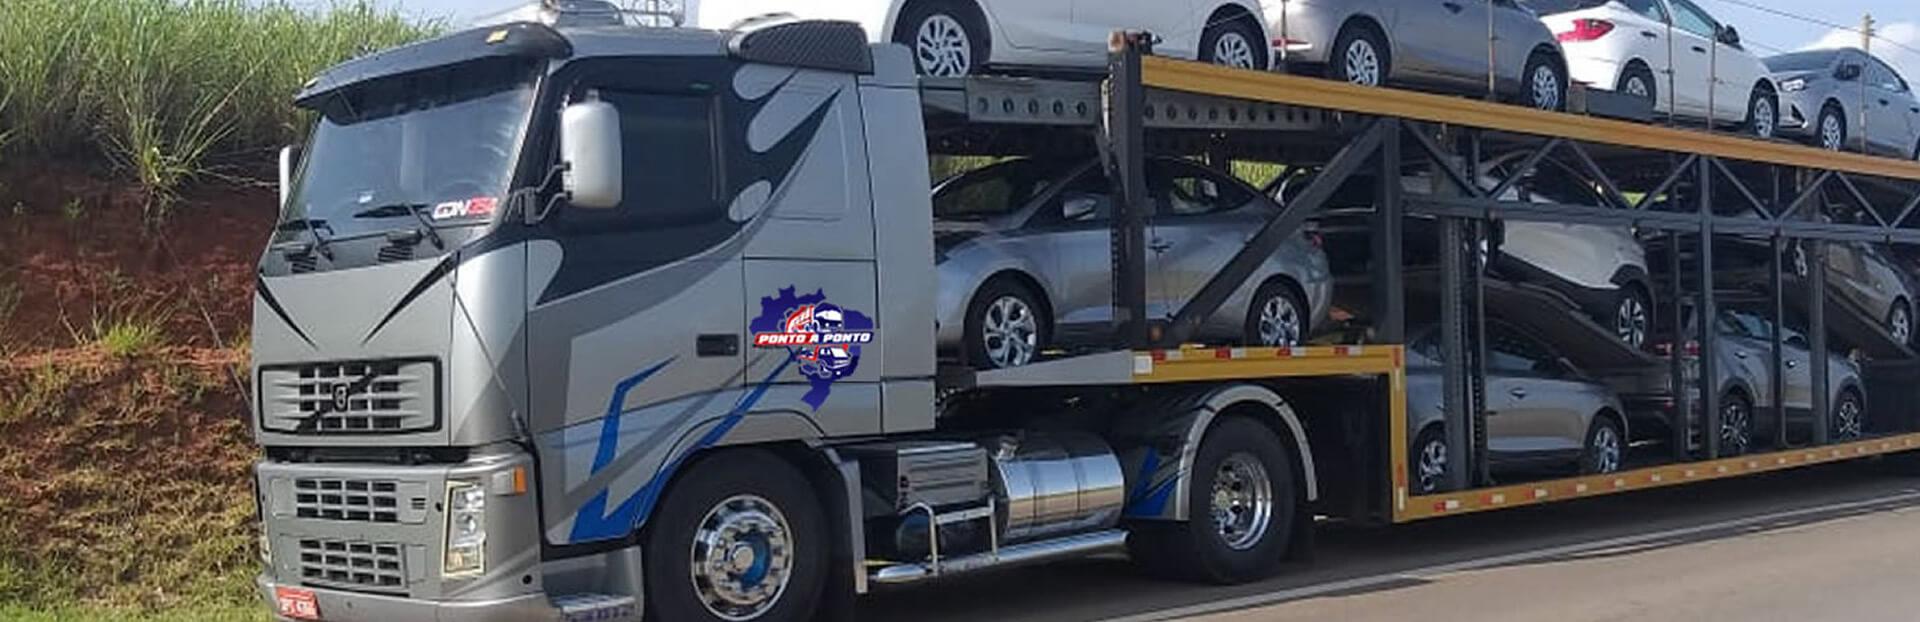 Transporte de Veículos com Caminhão Cegonha